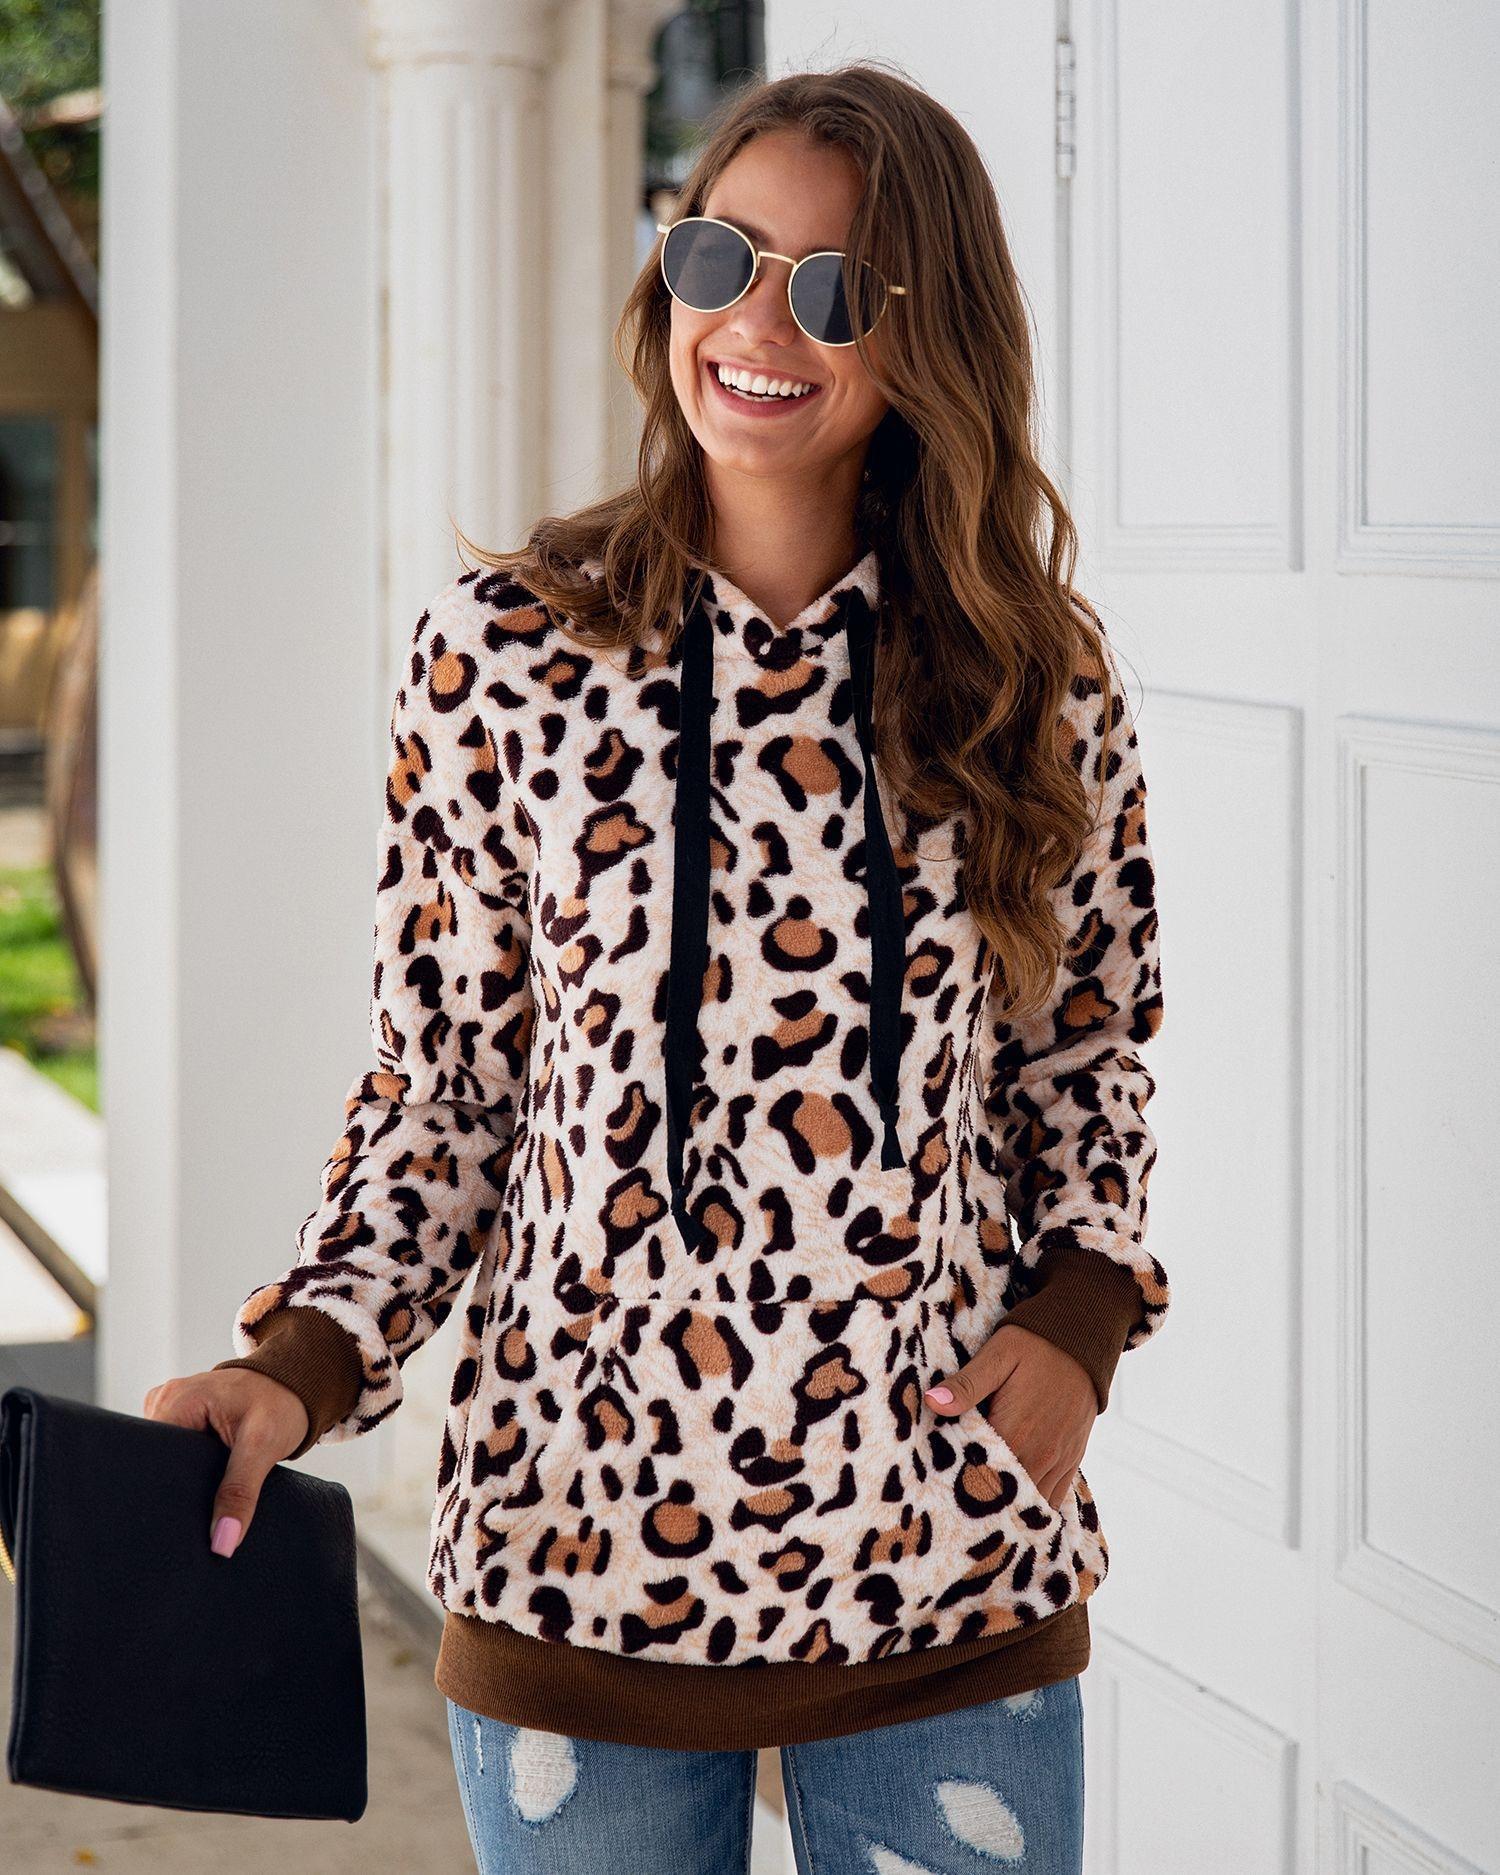 SNQ1A 2020 осень и зима сексуальный леопардовым принтом кармана шнуровке плюшевых 800141 2020 осень и зима сексуальный леопардовый принт карман шнуровке балахон